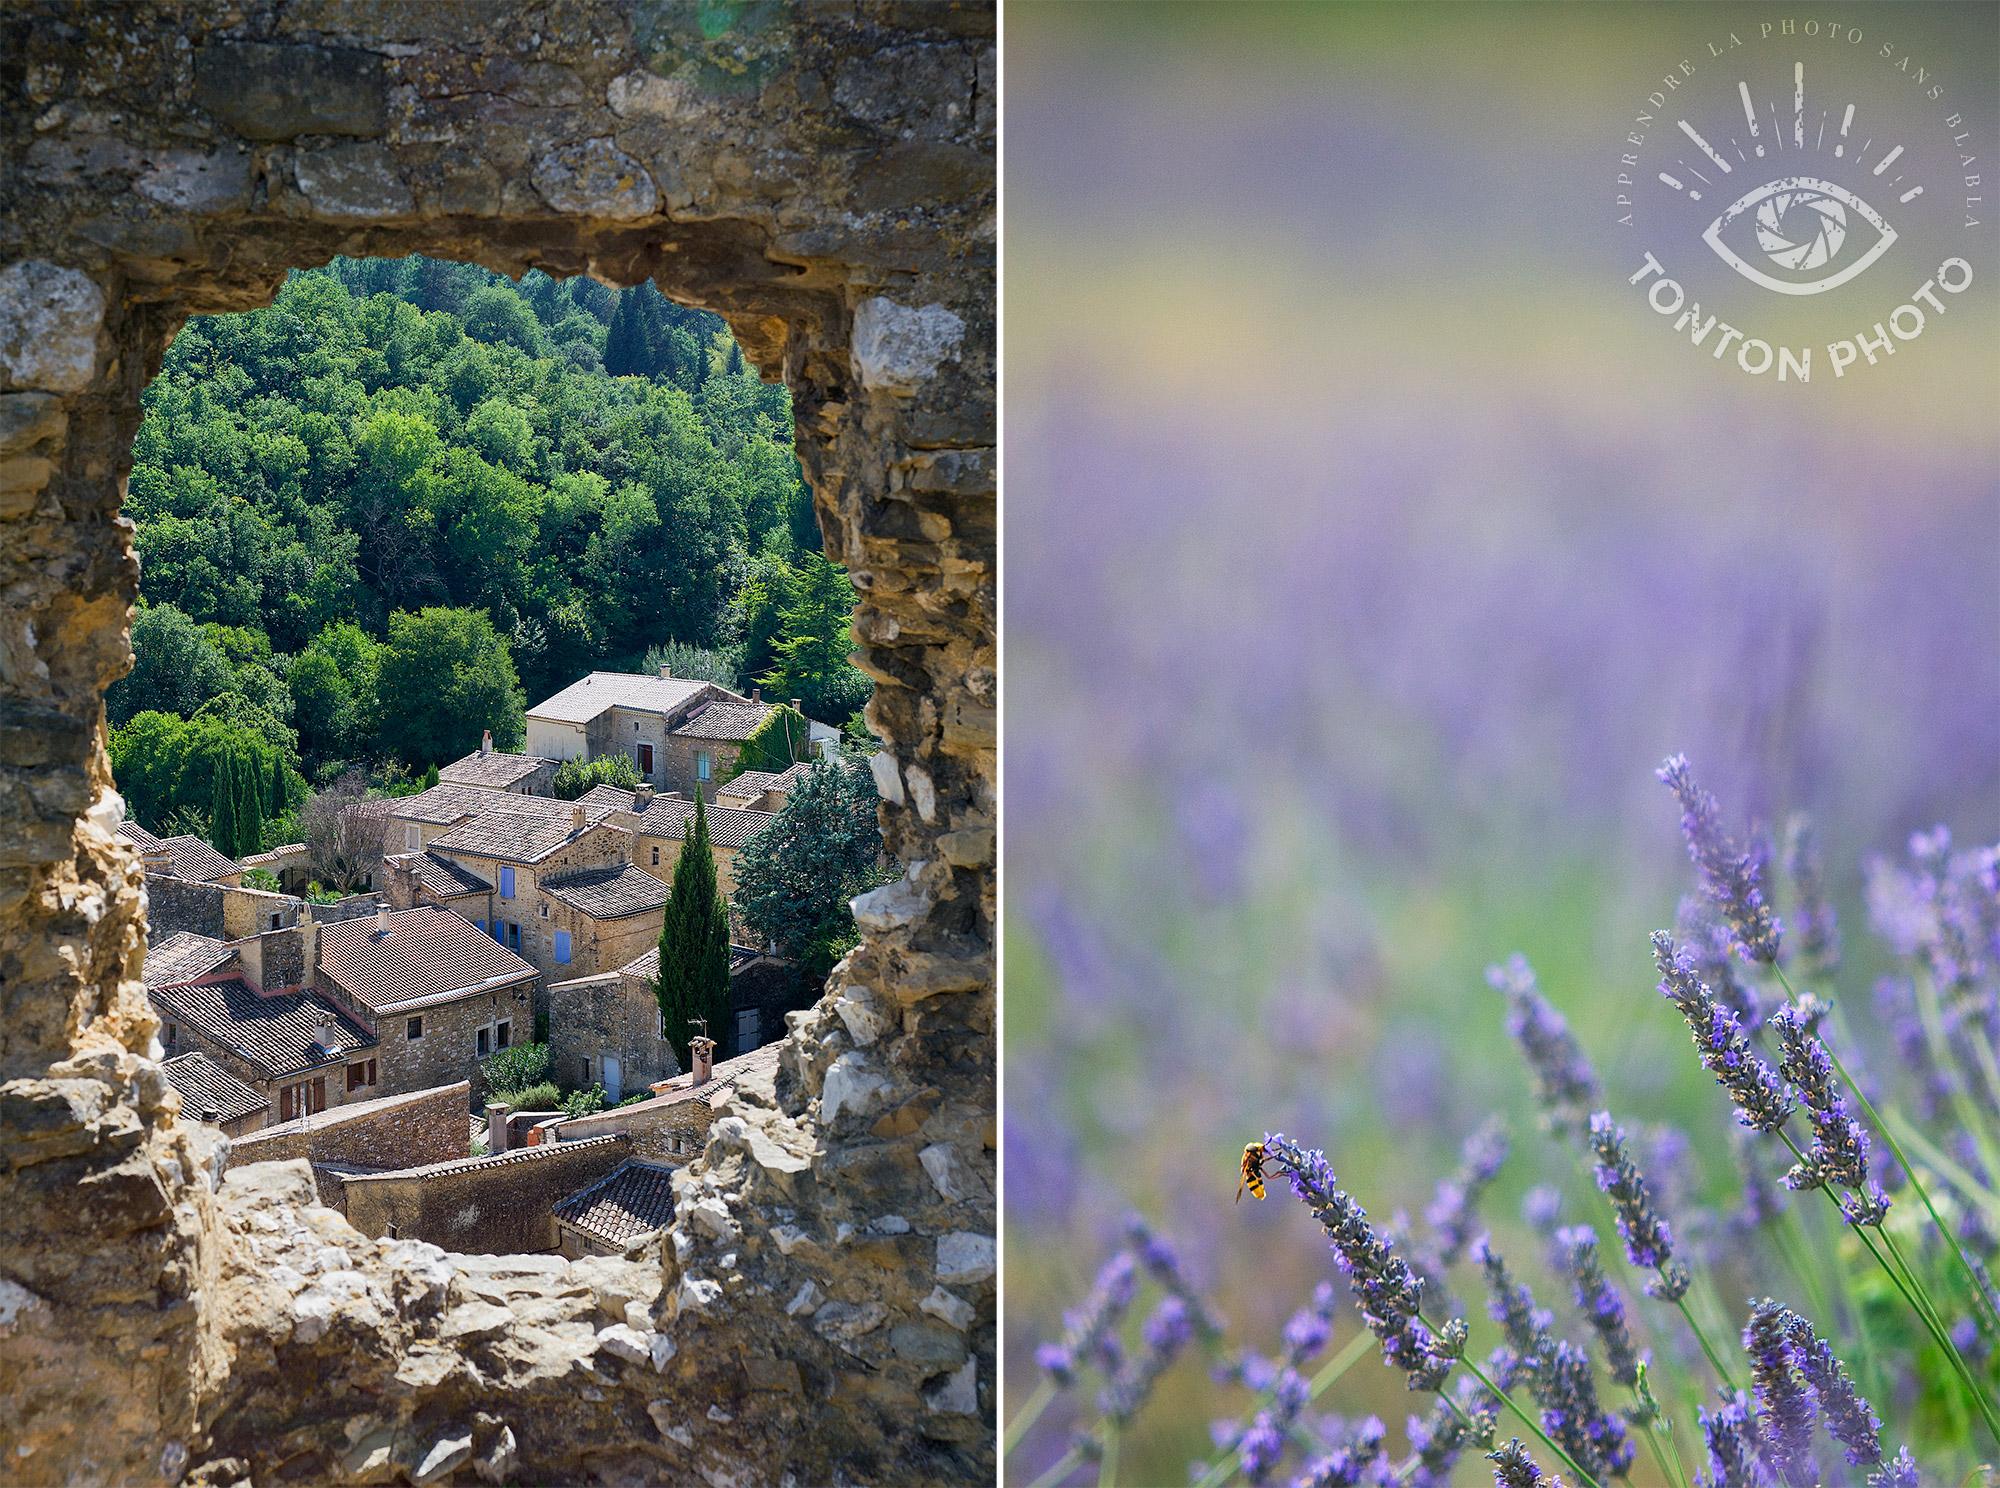 Village de Saint-Montan vu depuis les ruines du château (Ardèche), et abeille butinant un brin de lavandin (Drôme) © Clément Racineux / Tonton Photo